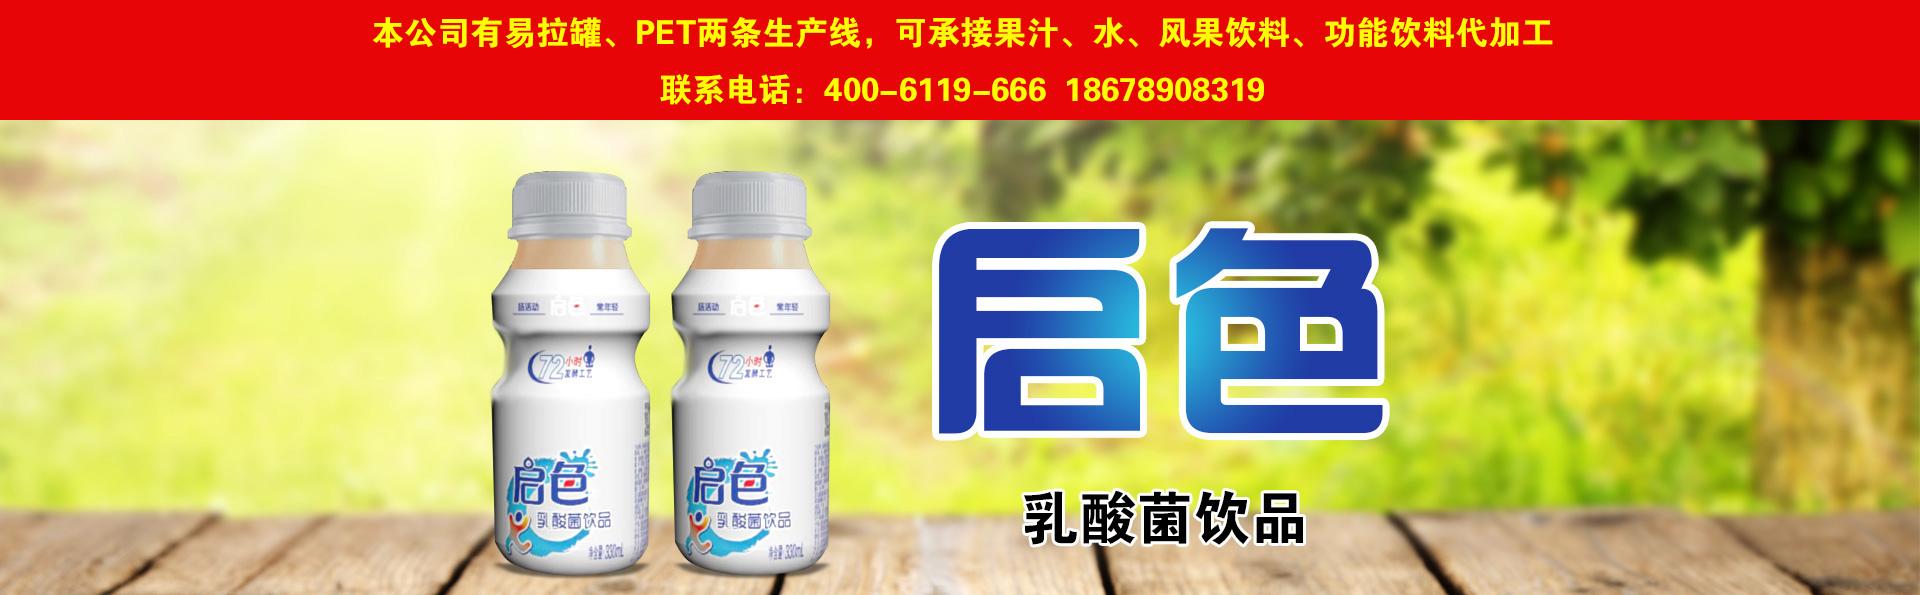 青岛恒伊有机农业开发有限公司